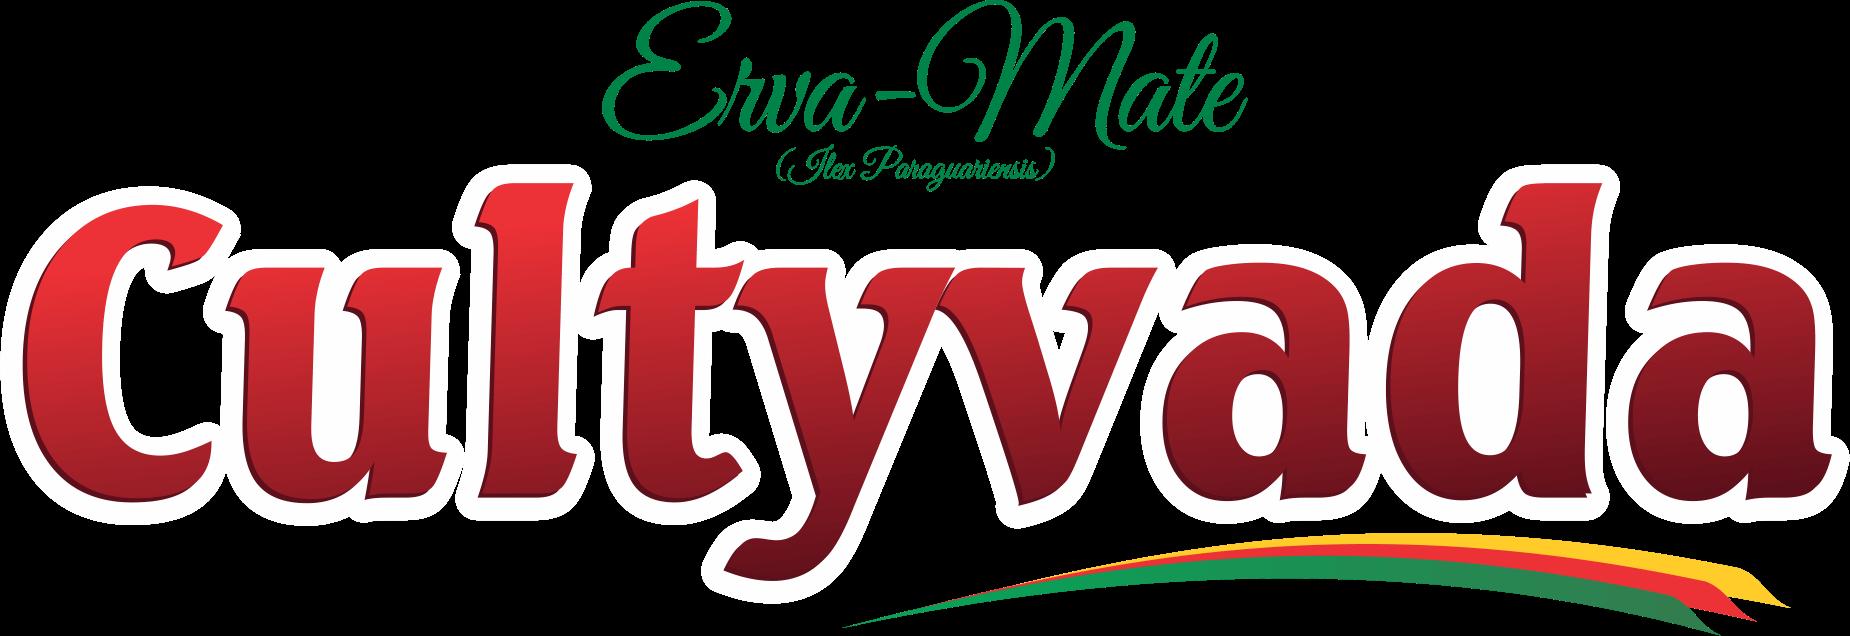 Logotipo – Erva-Mate Cultyvada